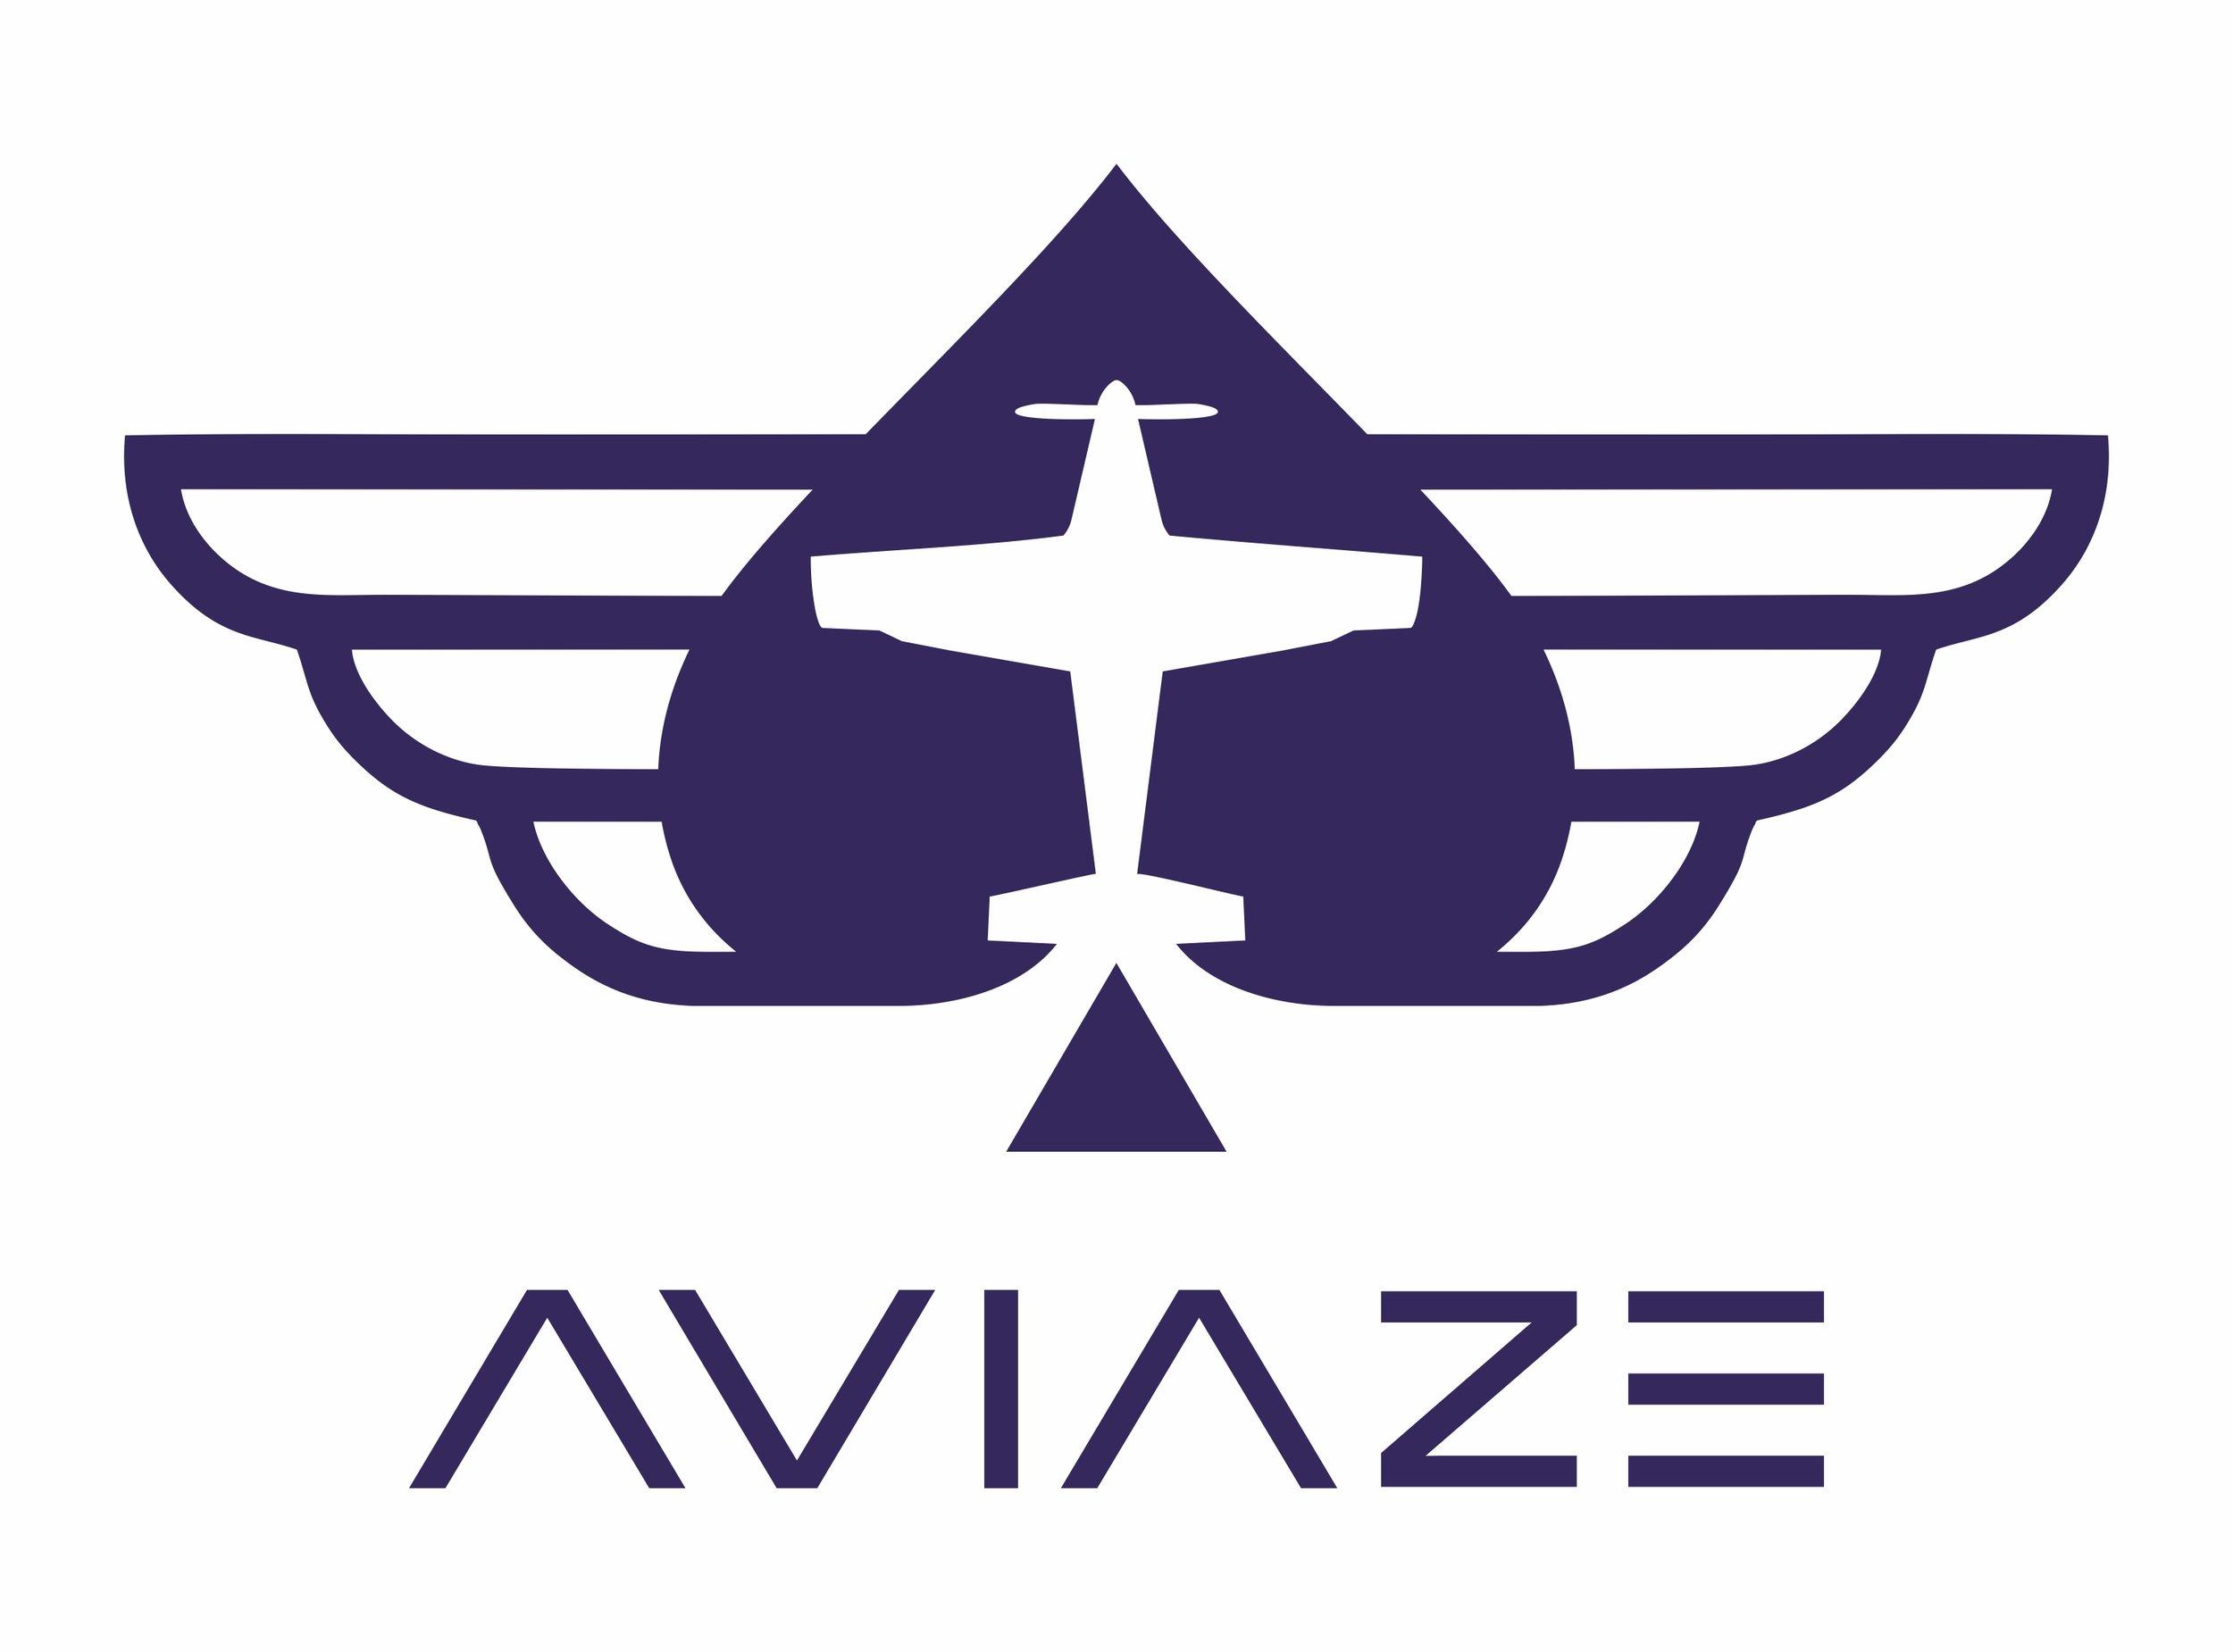 AVIAZE purple.jpg